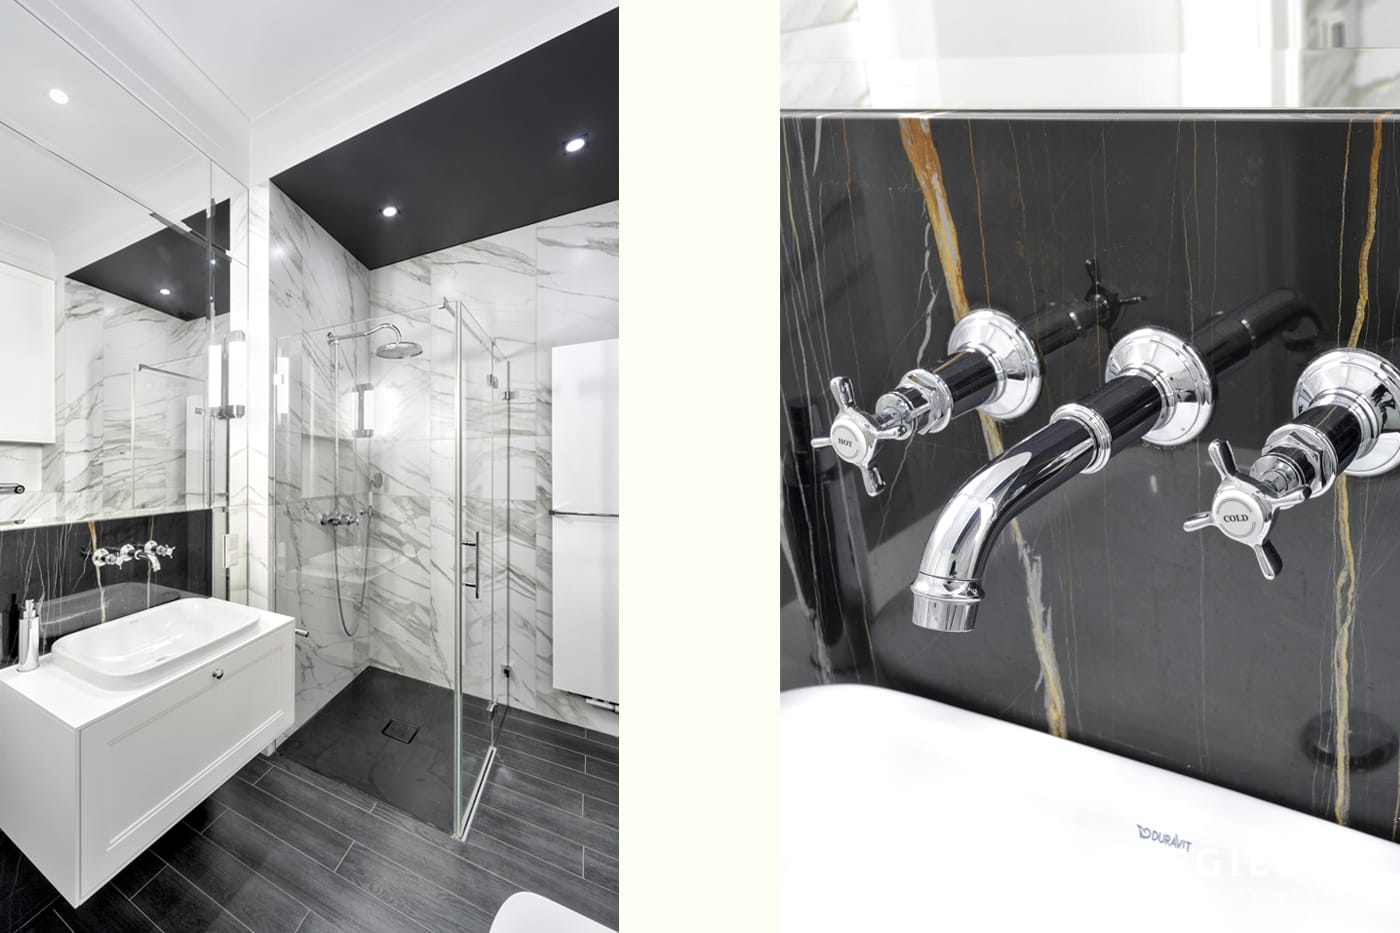 Klasyczna łazienka o surowym wykończeniu to pomysł projektantów wnętrz. Kontrastowe zestawienie materiałów i barw robi wrażenie przestrzeni i światła.